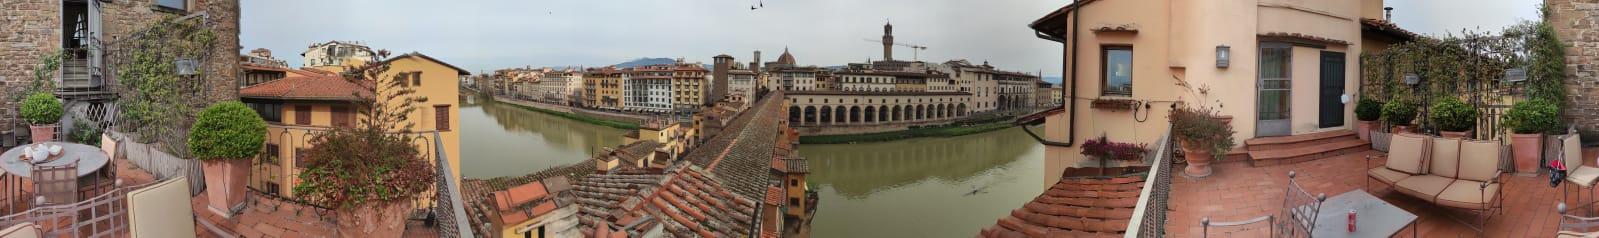 Firenze 360°